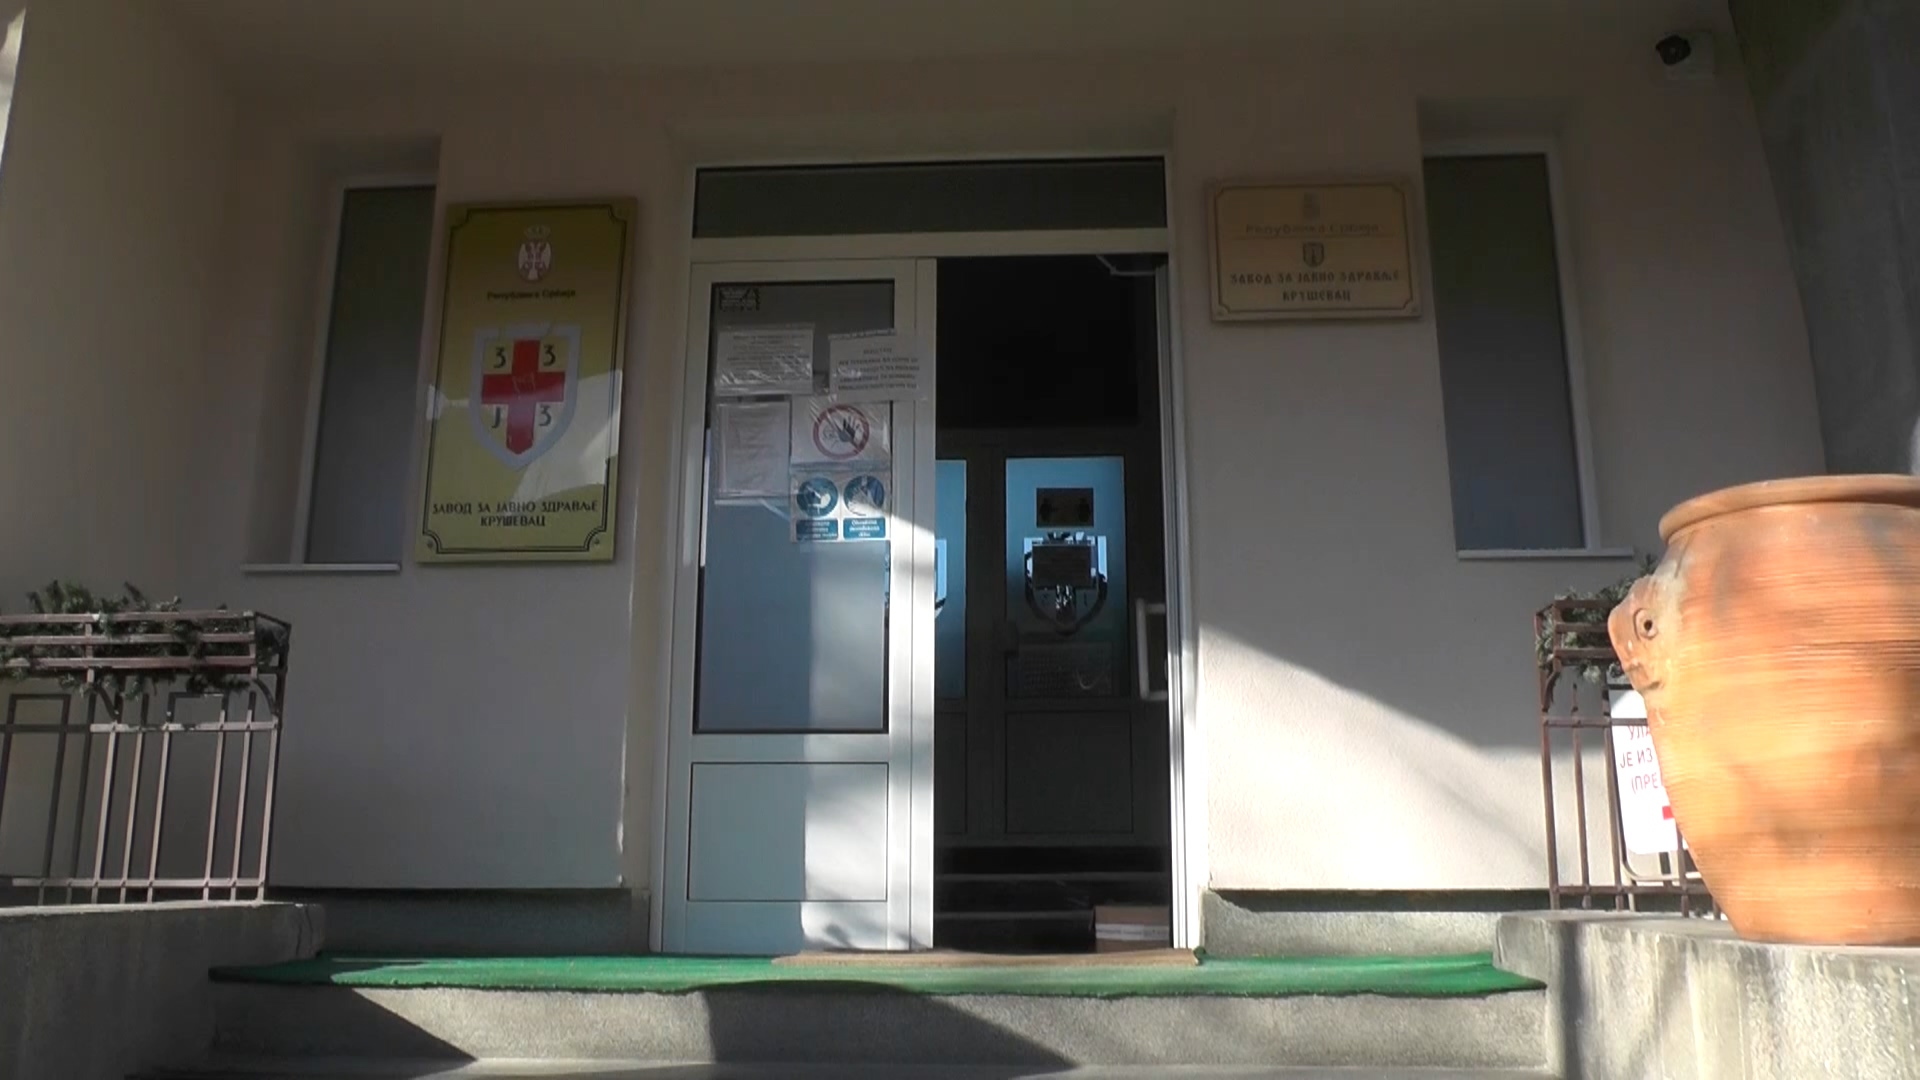 U Rasinskom okrugu prema poslednjim podacima od koronavirusa obolelo još 187 osoba: 88 u Kruševcu, 31 u Trsteniku, 30 u Aleksandrovcu